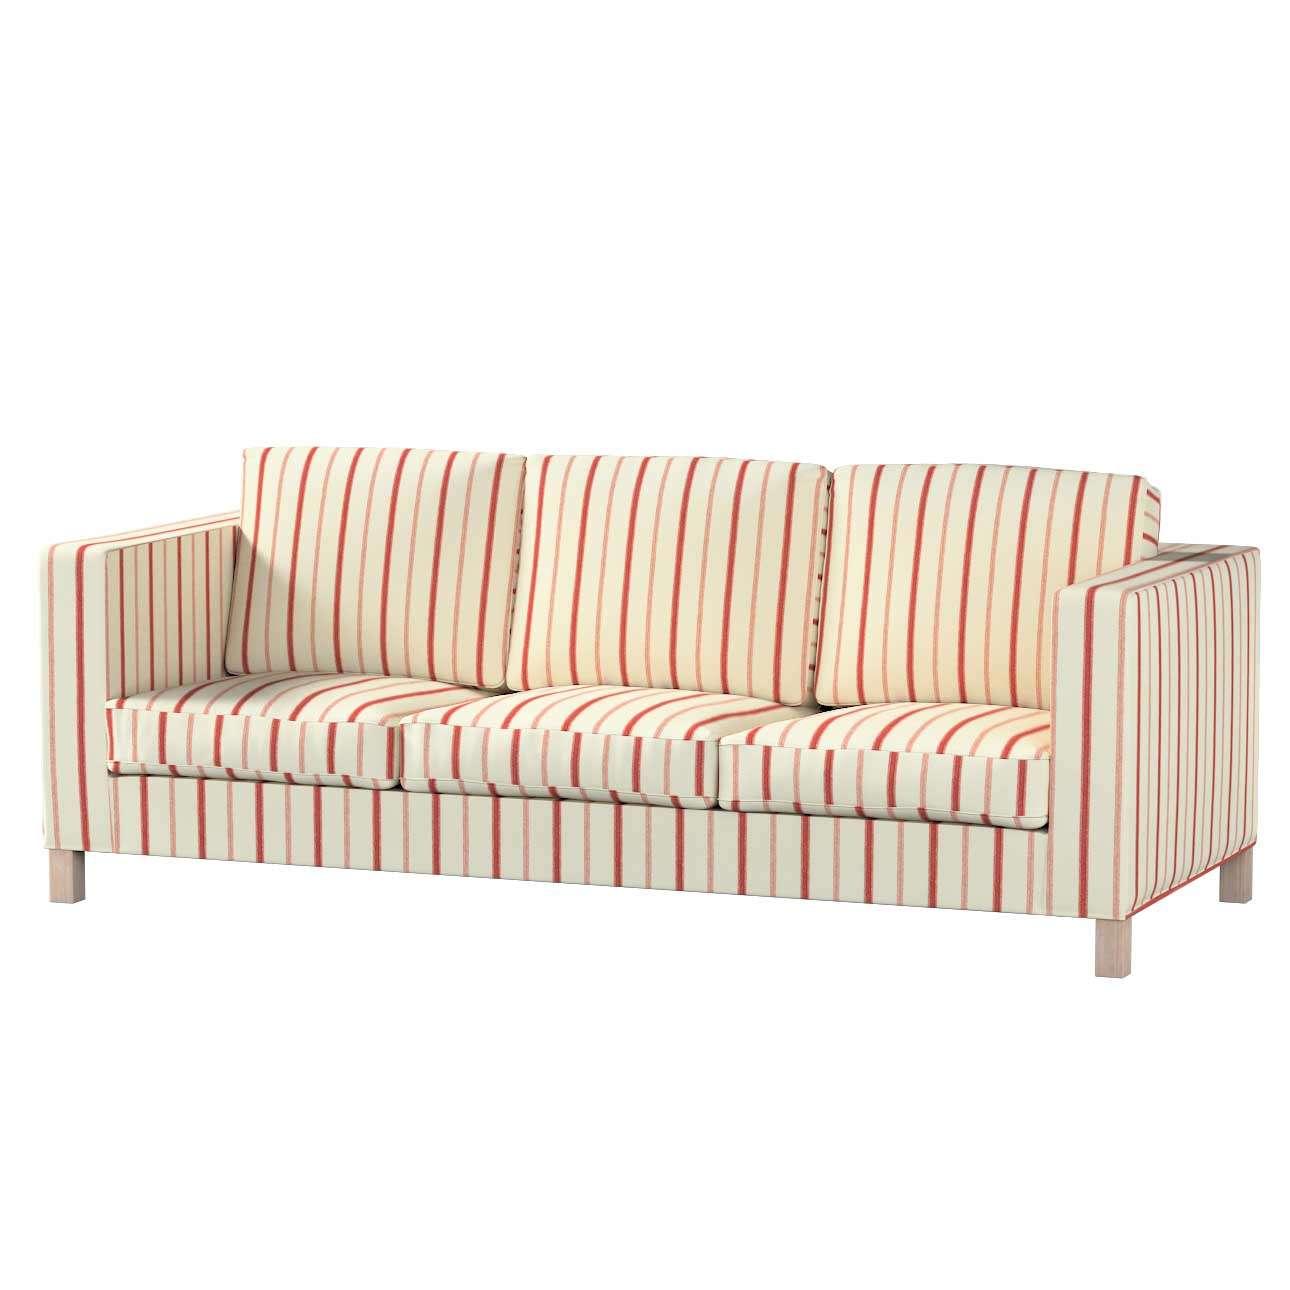 KARLANDA trivietės sofos užvalkalas KARLANDA trivietės sofos užvalkalas kolekcijoje Avinon, audinys: 129-15